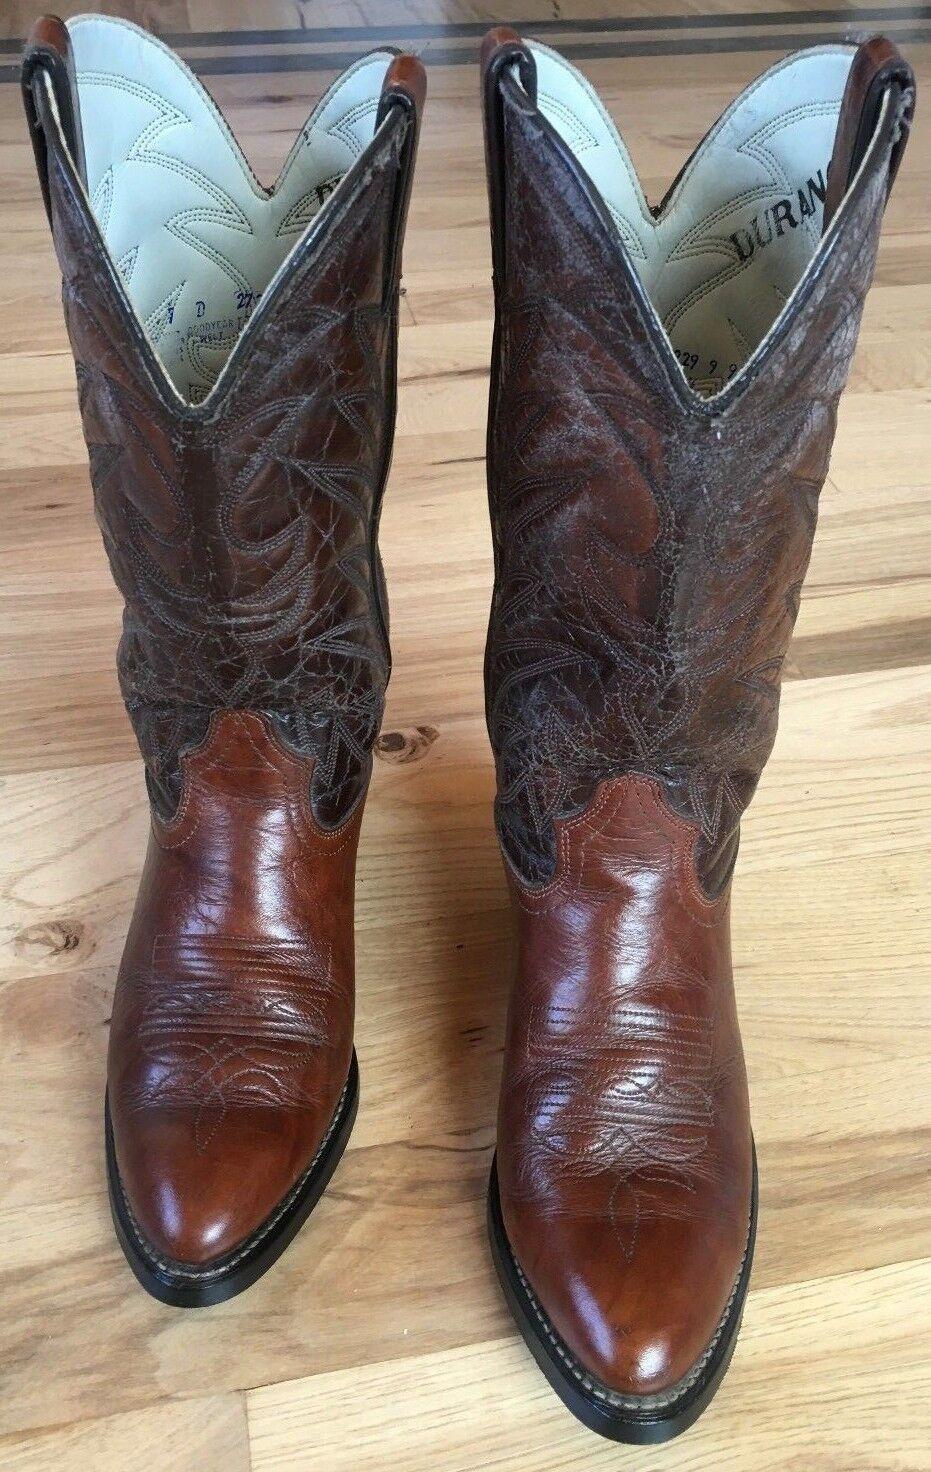 Durango Men's Western Cowboy Boots Brown TR674 Size 7 D